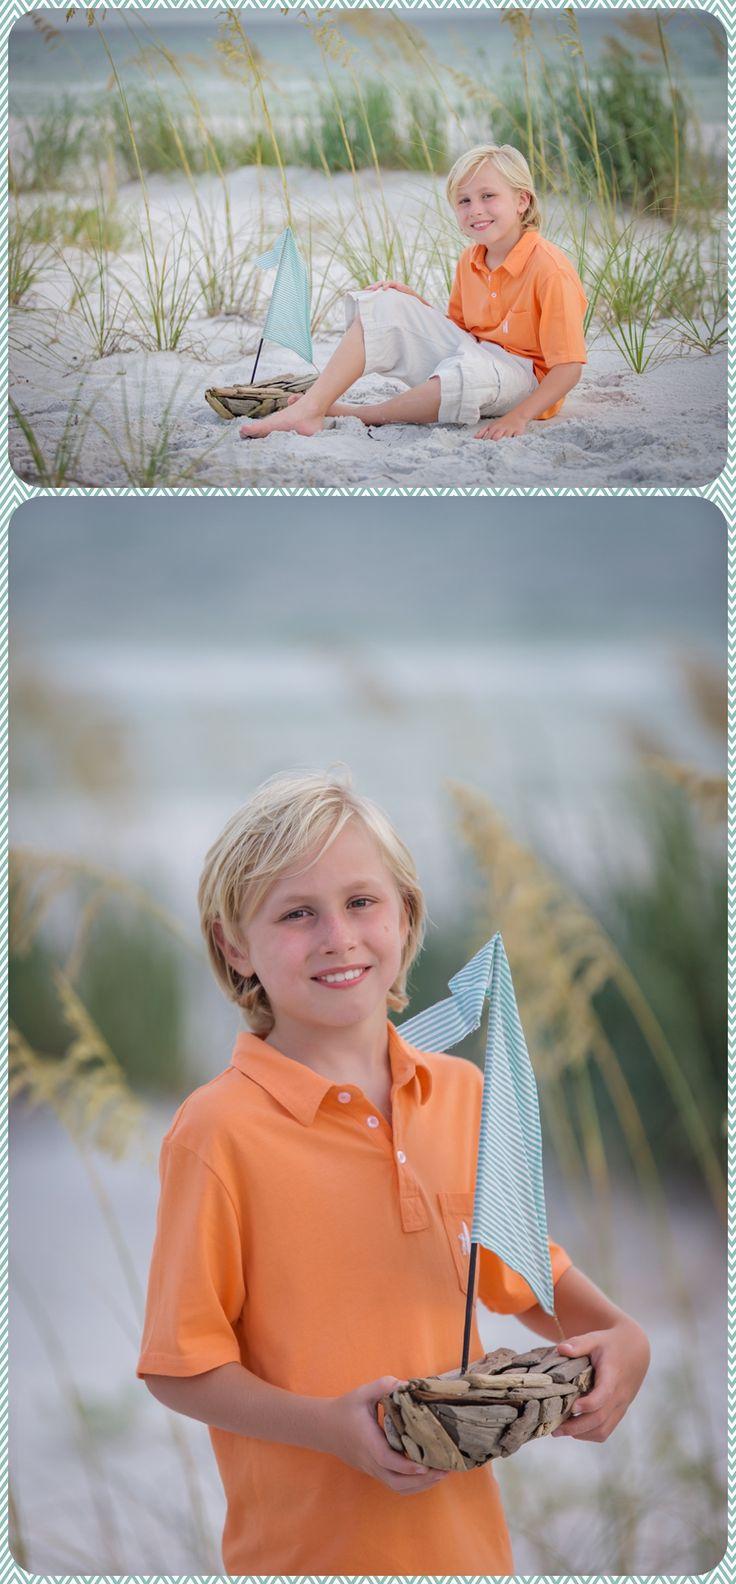 destin florida beach photography, kid poses, kid beach pictures, children beach pictures, children's poses, family beach pictures, family portraits, family poses